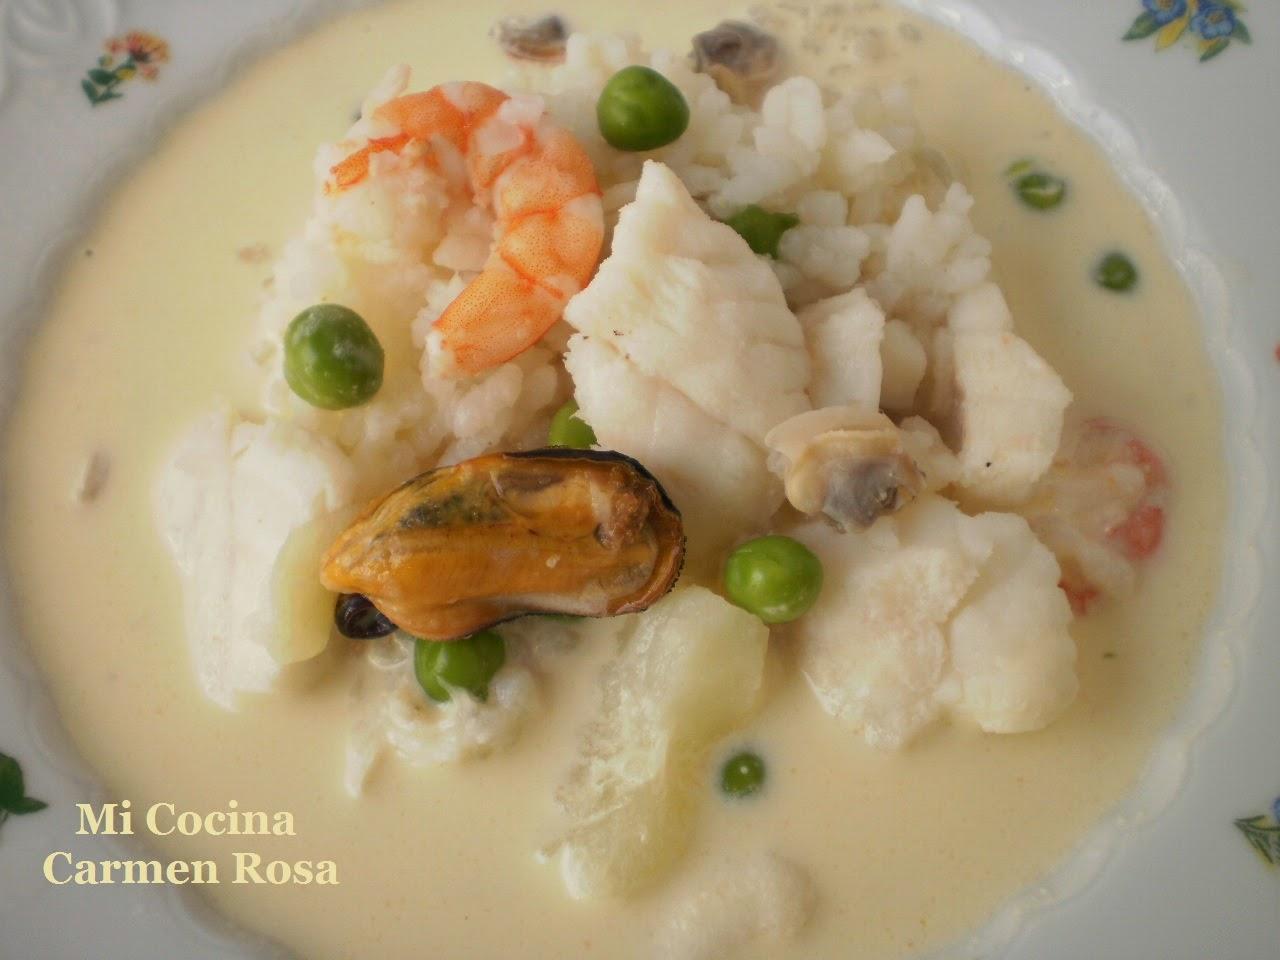 Mi cocina gazpachuelo sopa tradicional y tipica de la for Mi cocina malaga